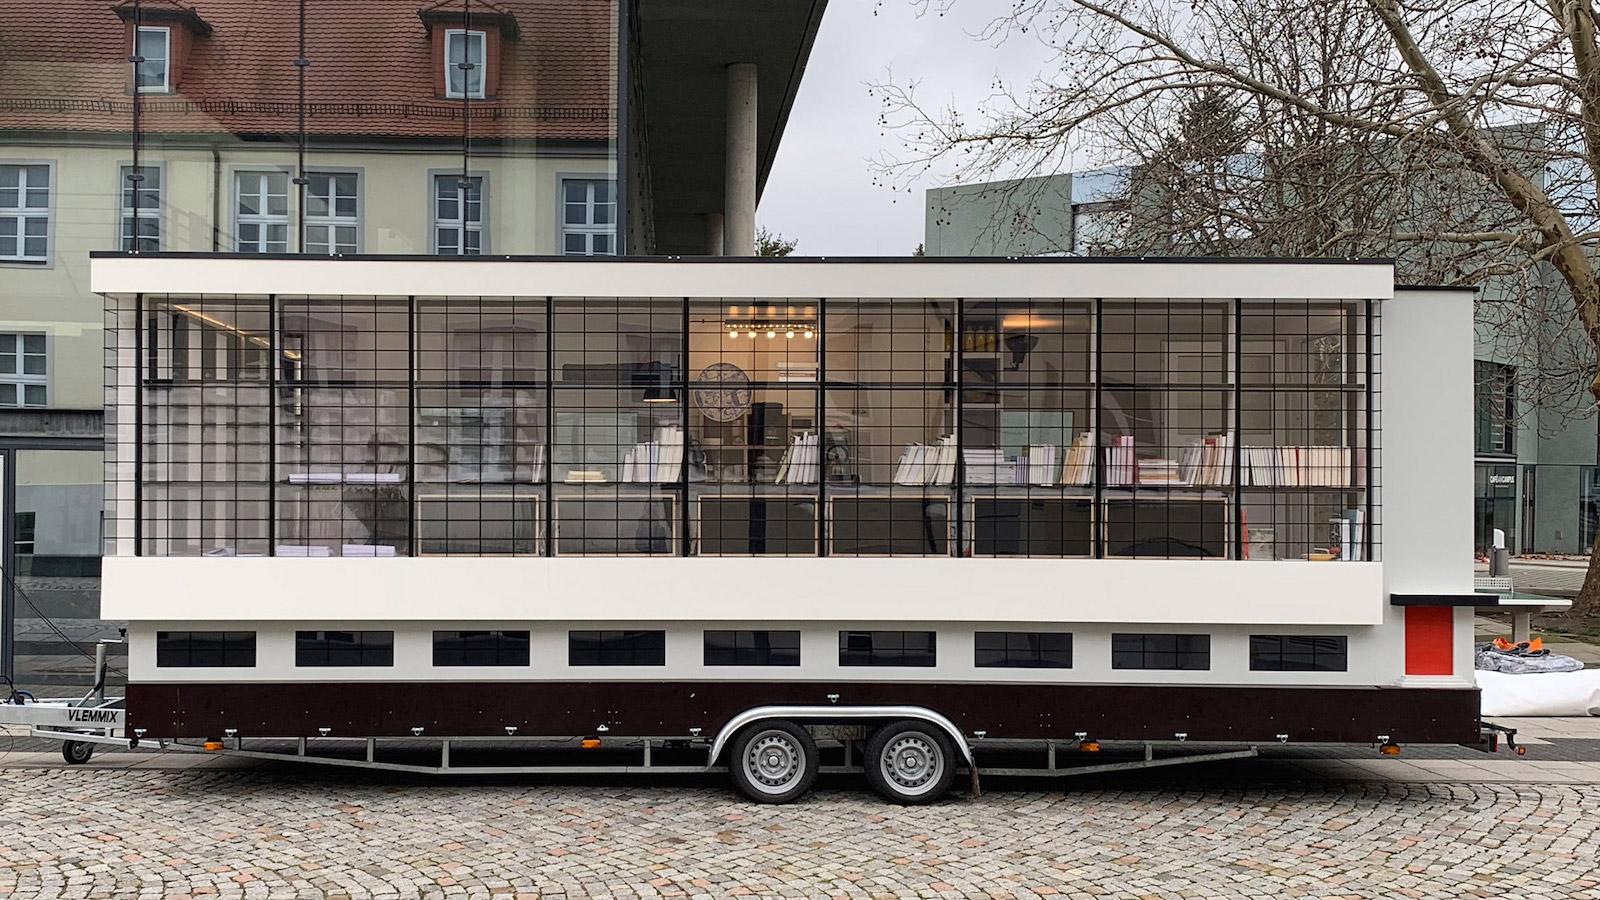 Mobilní Bauhaus budova má za cíl vyvolat názory na koloniální umění